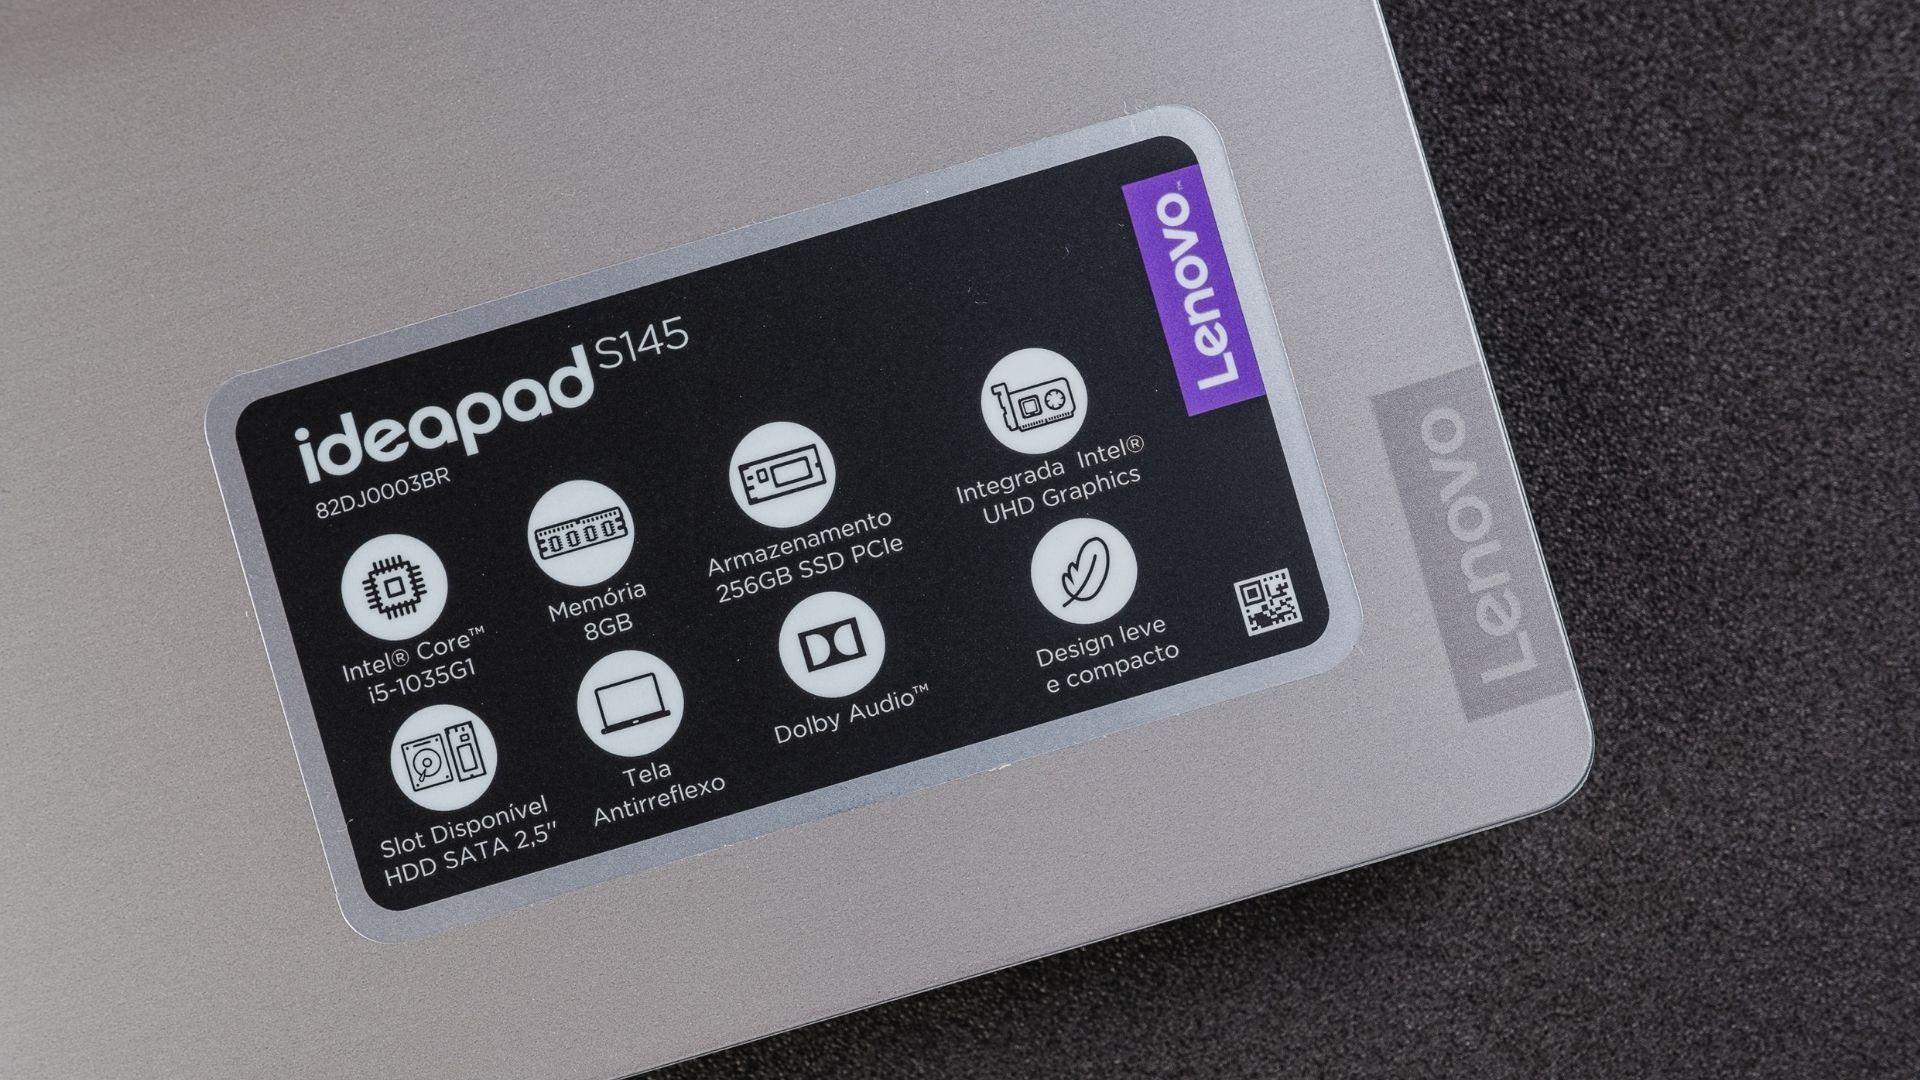 As especificações técnicas do Lenovo IdeaPad S145 i5 8GB SSD estão em um adesivo que vem com o aparelho (Foto: Zoom)